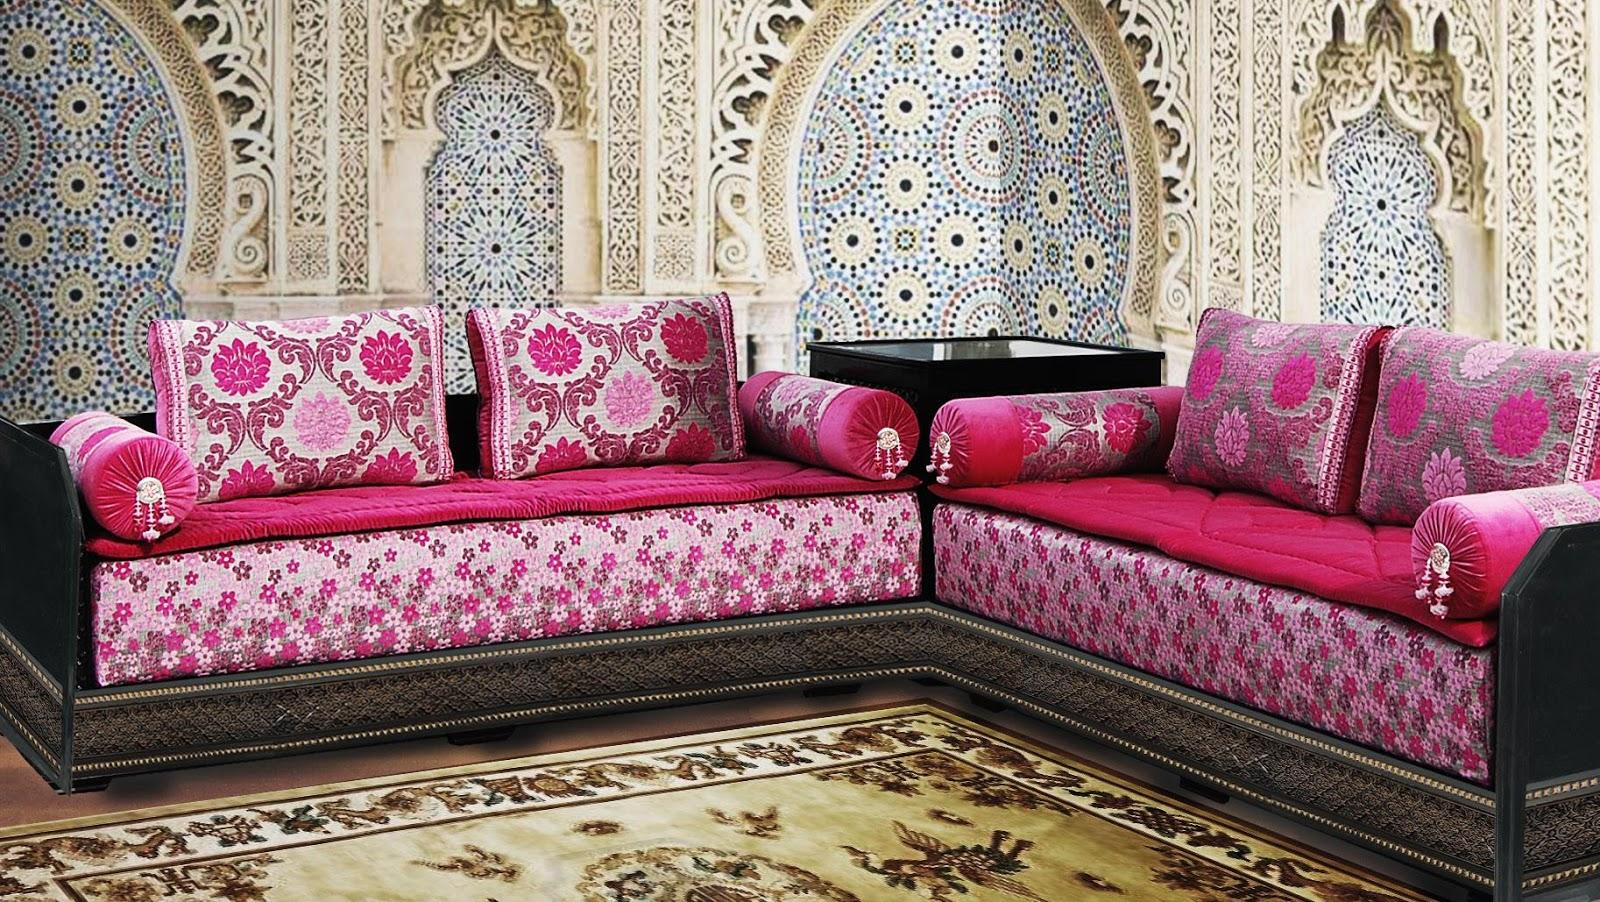 Conseils d co et relooking salon marocain design exceptionnel - Style de salon marocain ...